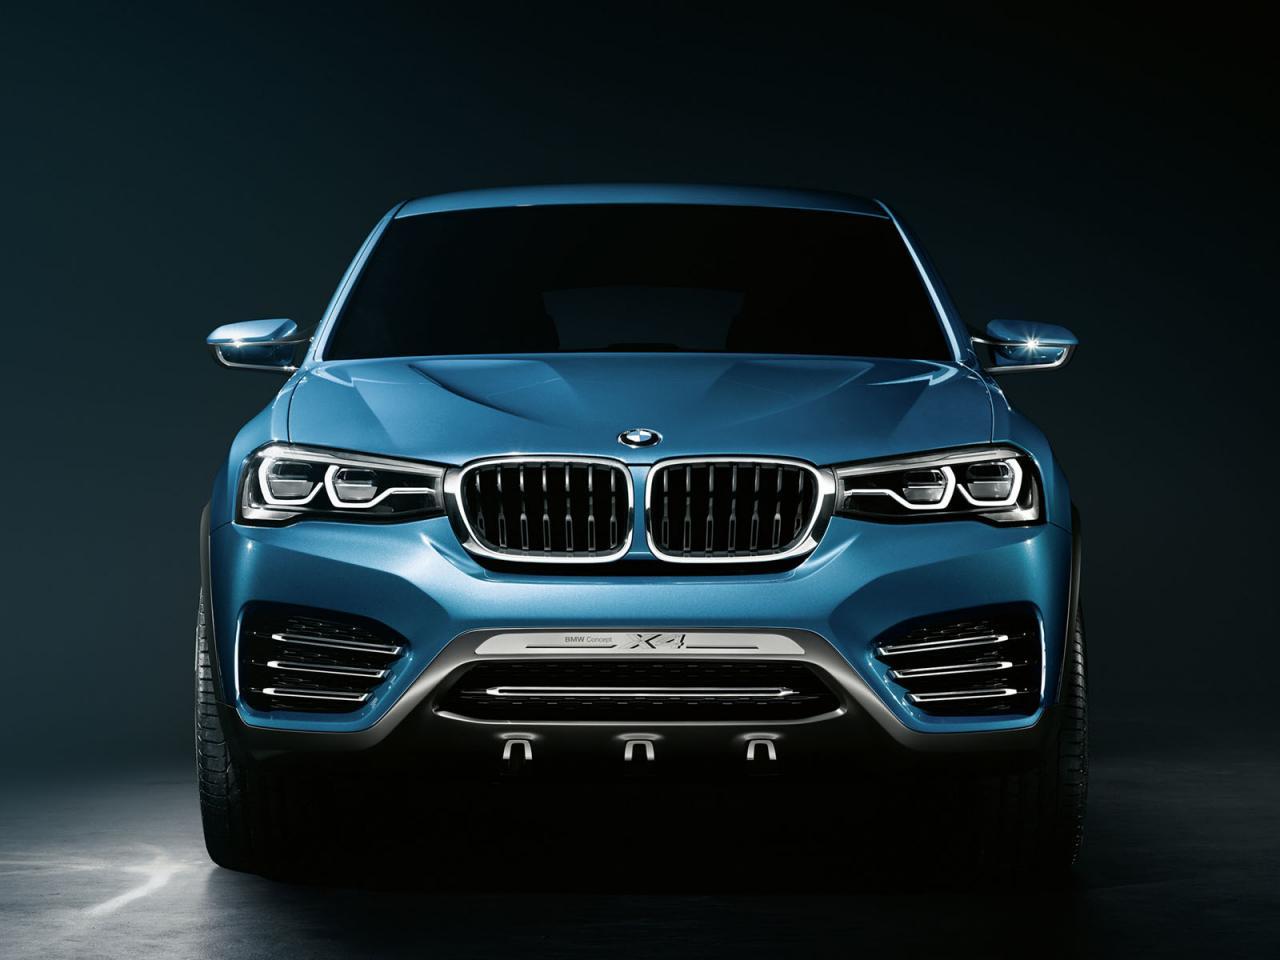 2014 BMW X4 Concept 4